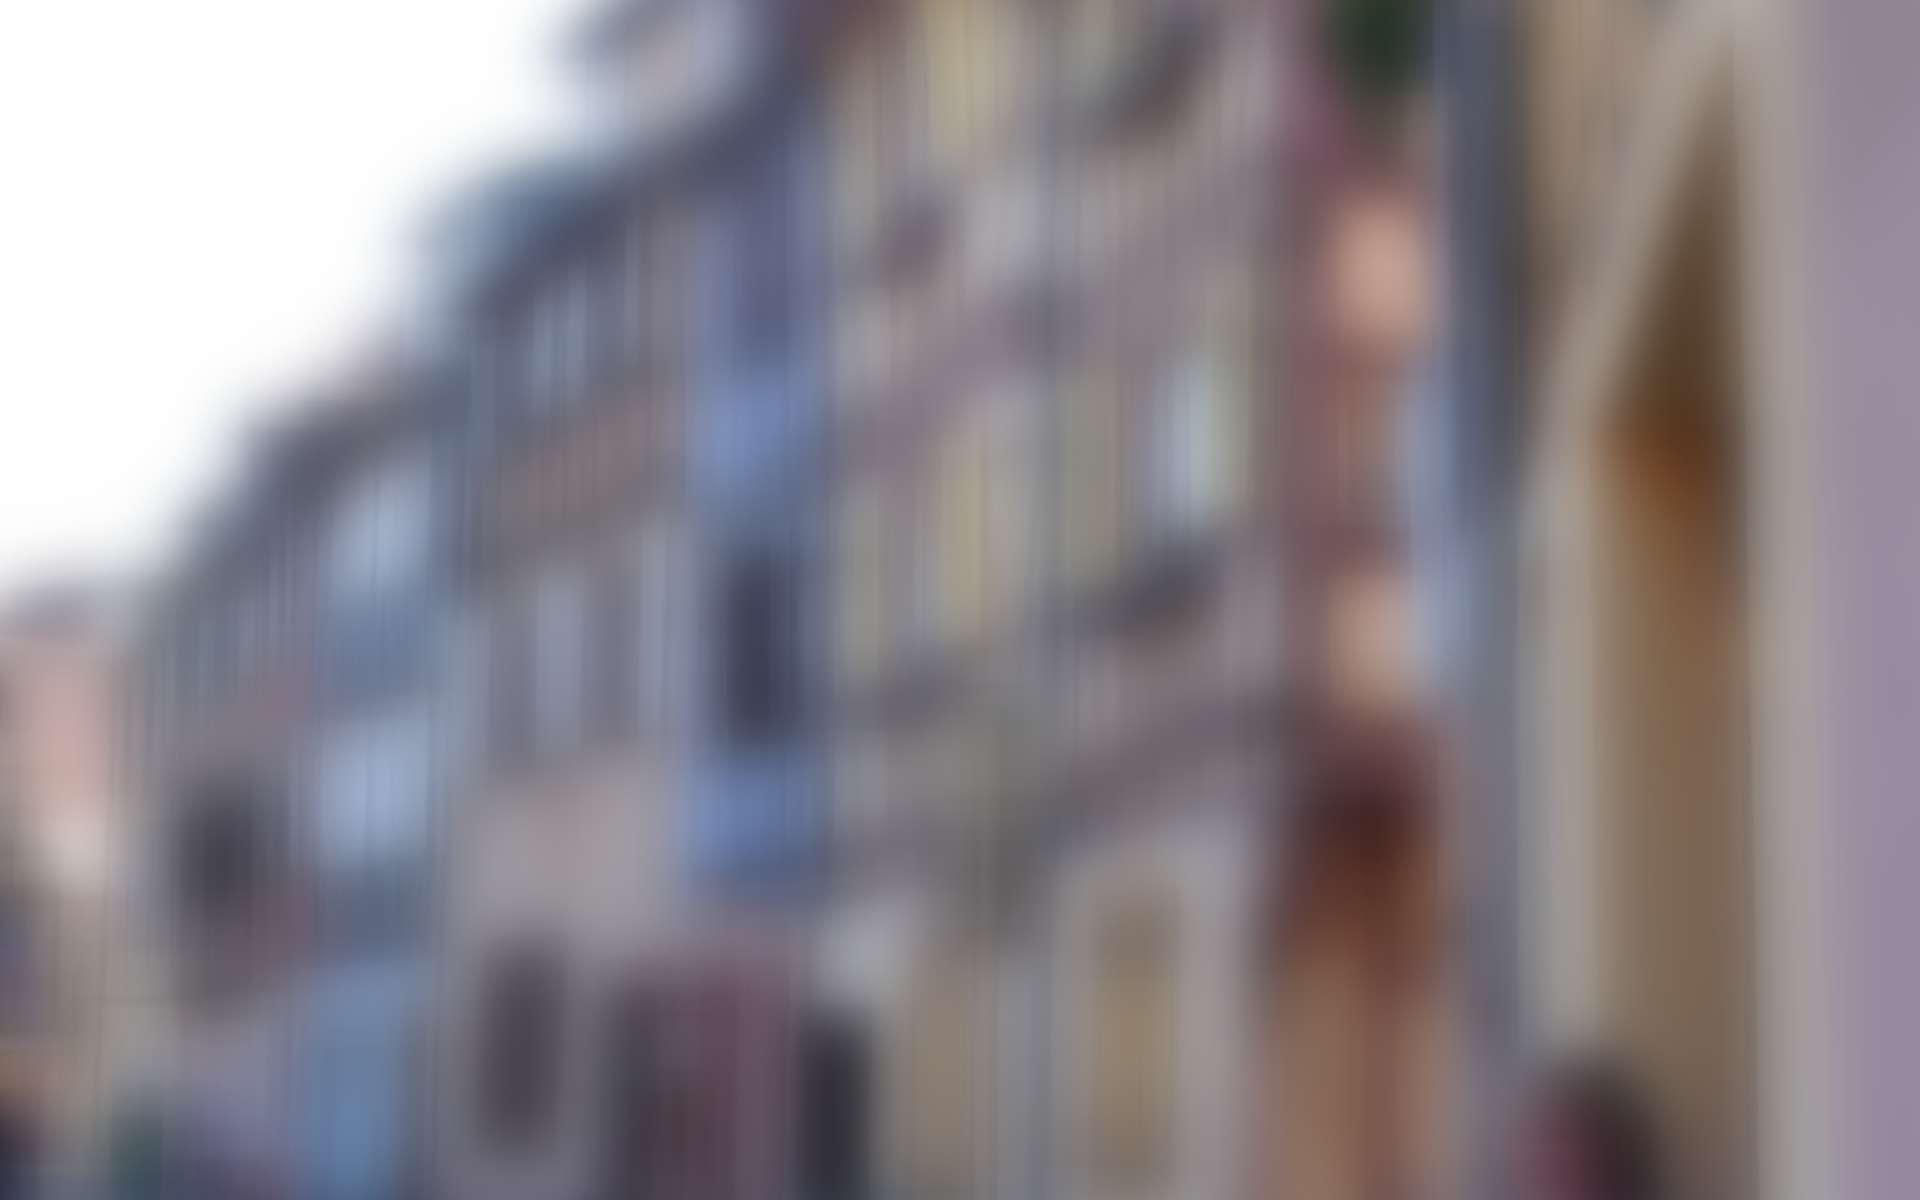 Si les demandes de floutage continuent de se multiplier en Allemagne, le service Google Streetview perdra beaucoup de son intérêt... © Futura-Sciences